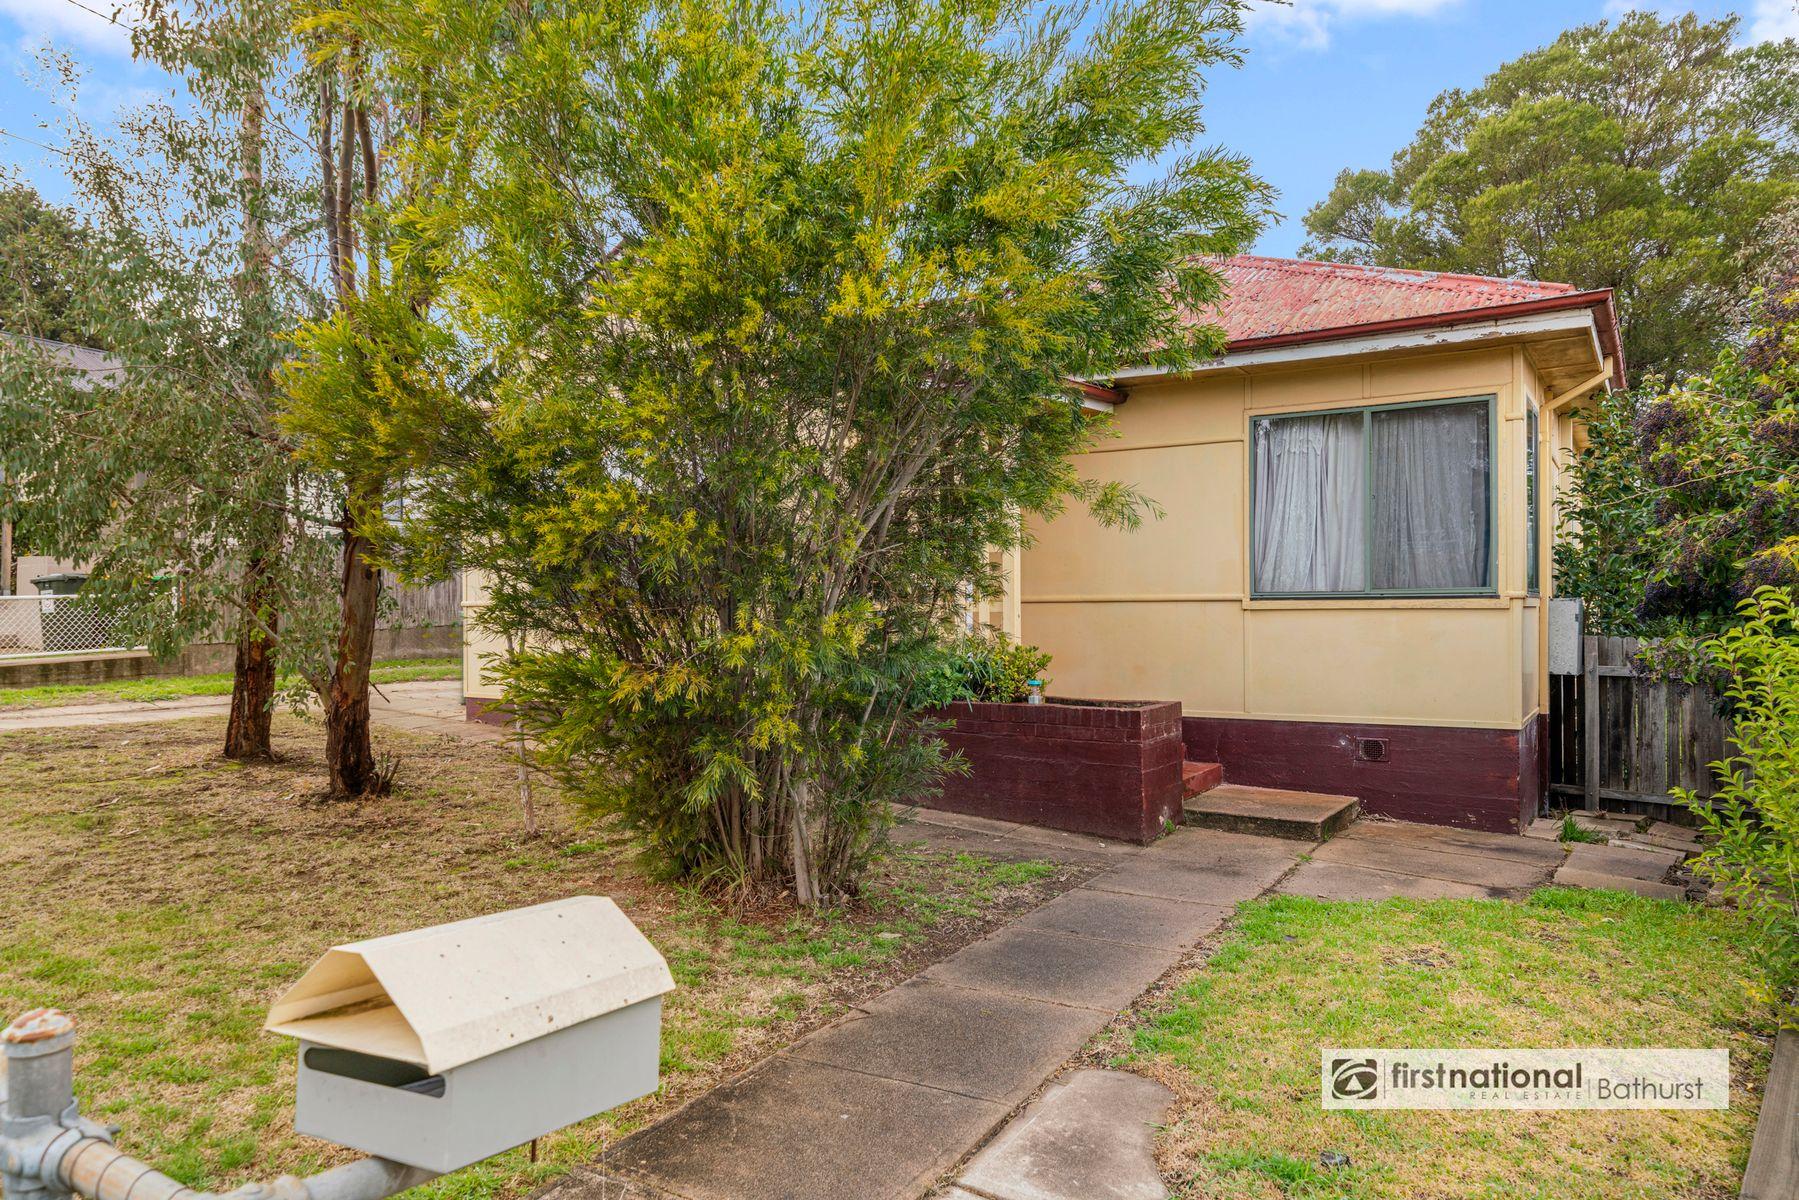 14 Tremain Avenue, West Bathurst, NSW 2795